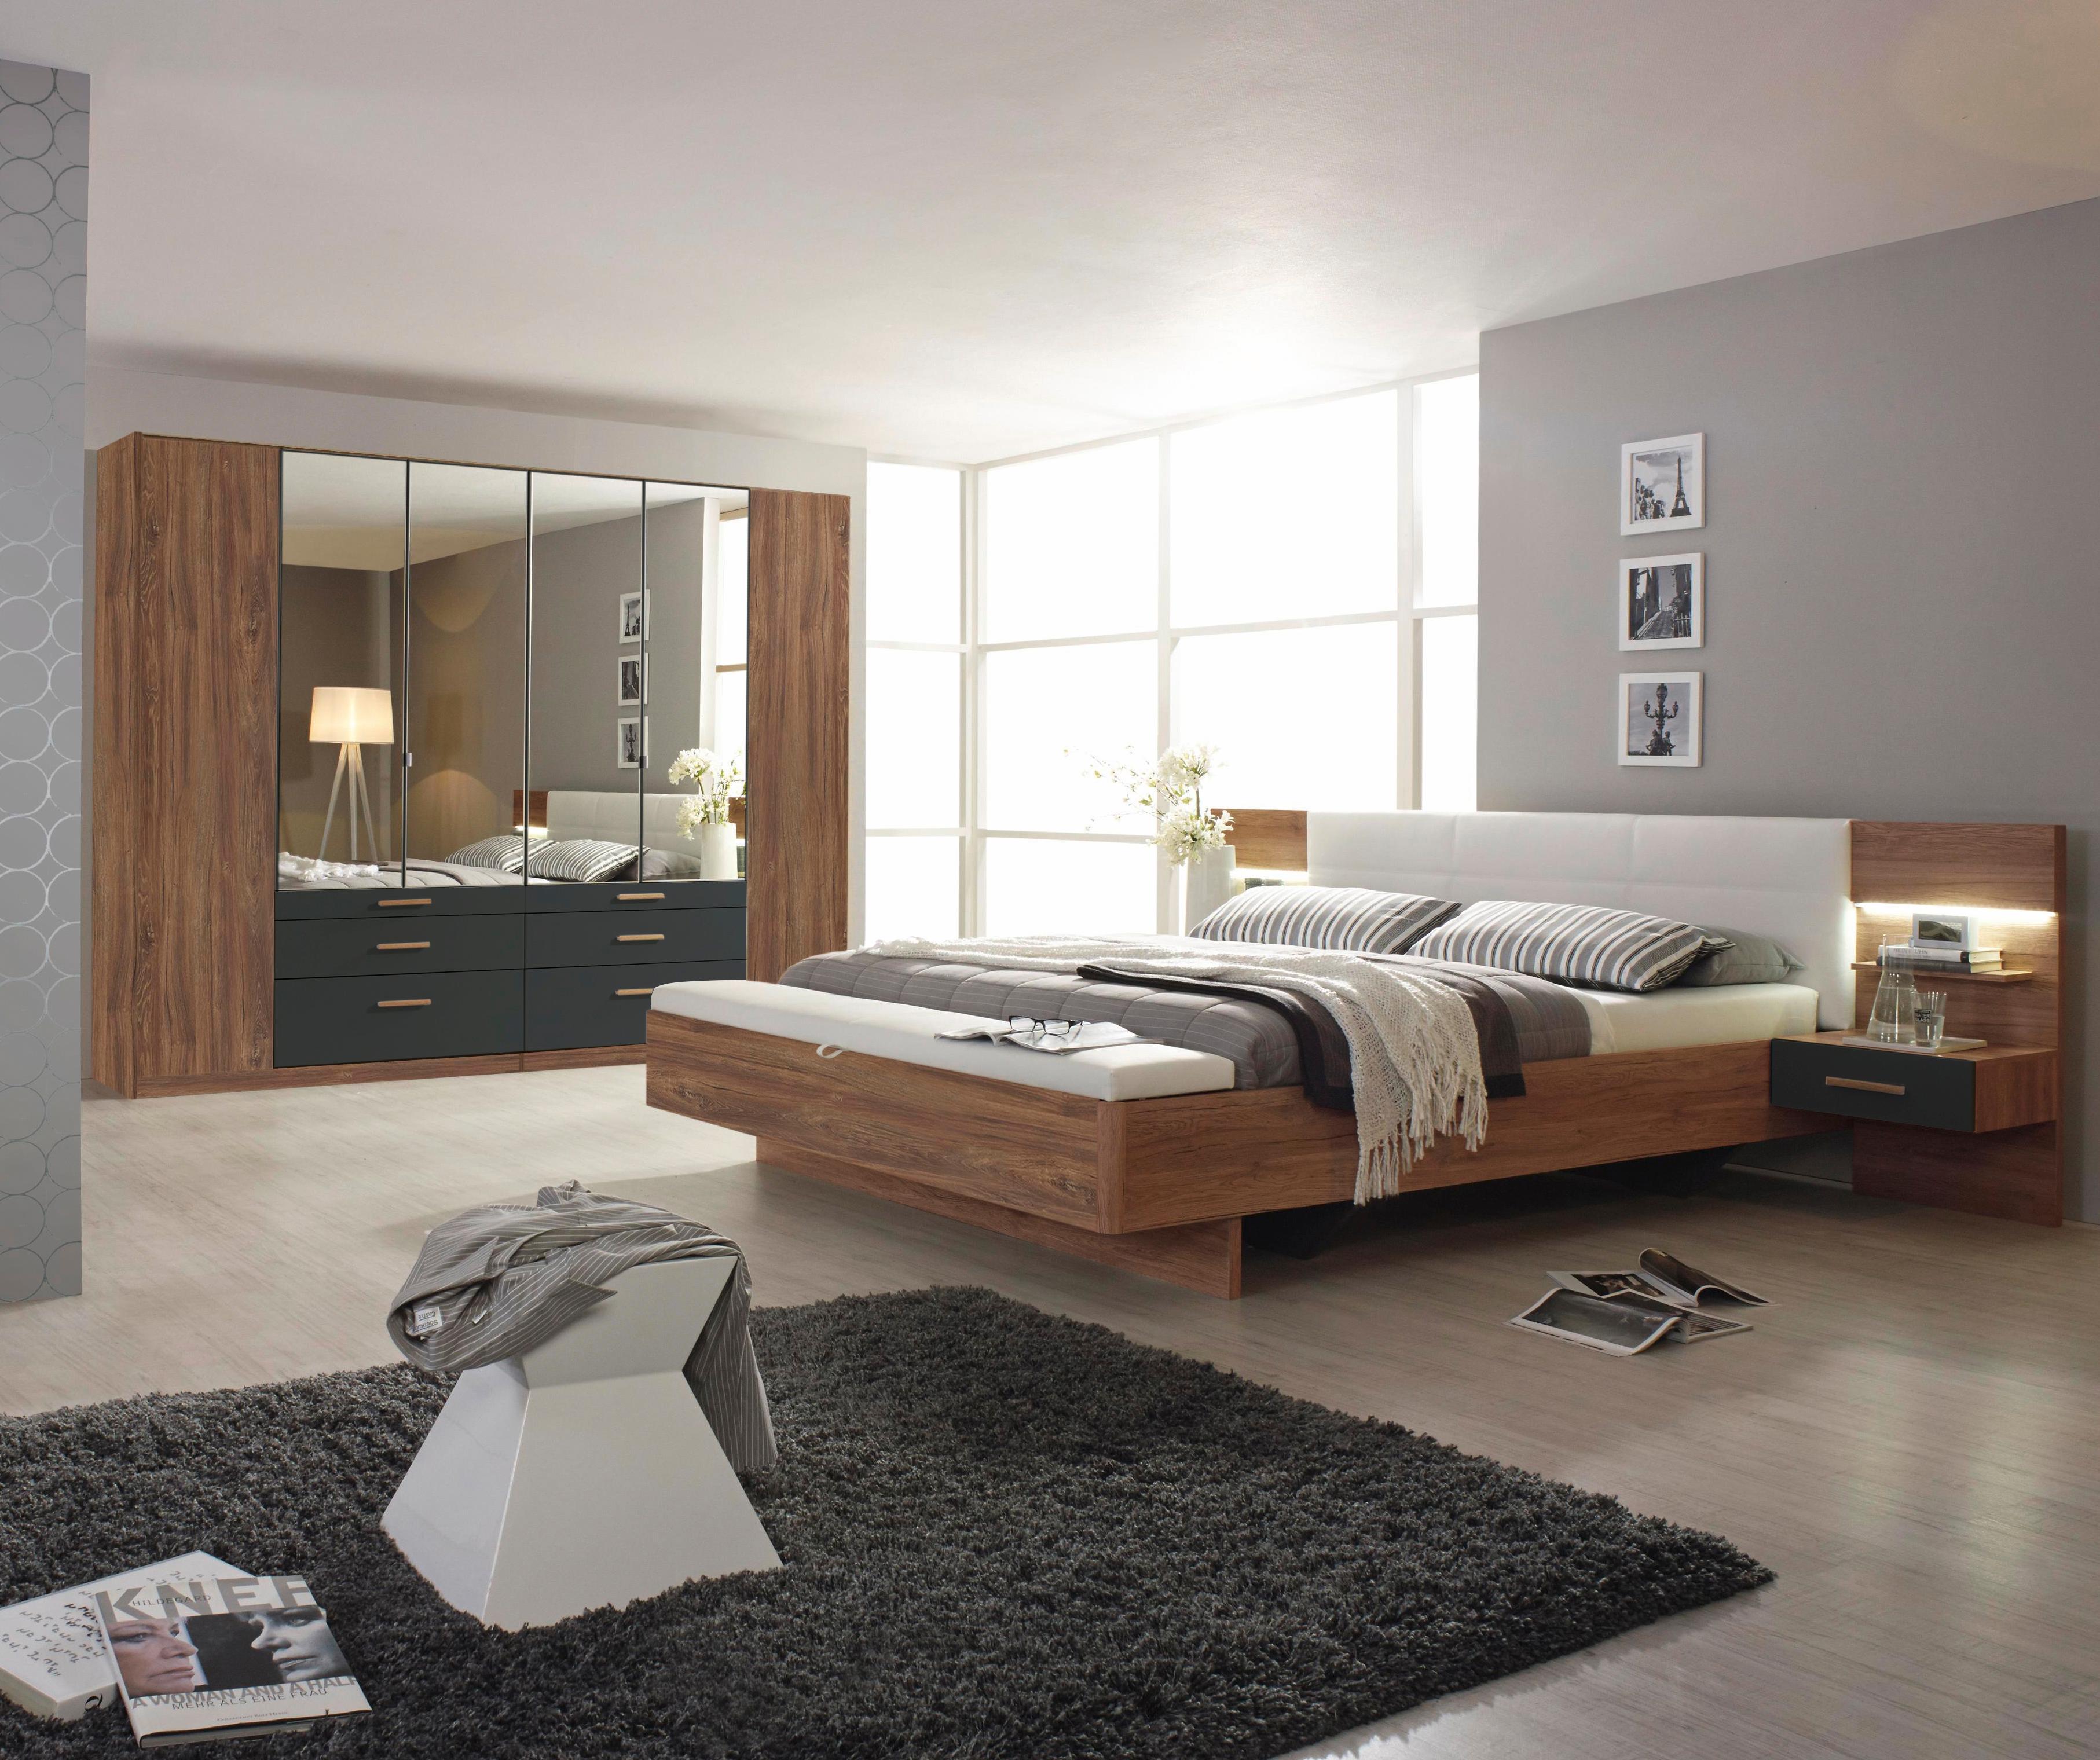 rauch pack s kleiderschrank billiger bei. Black Bedroom Furniture Sets. Home Design Ideas